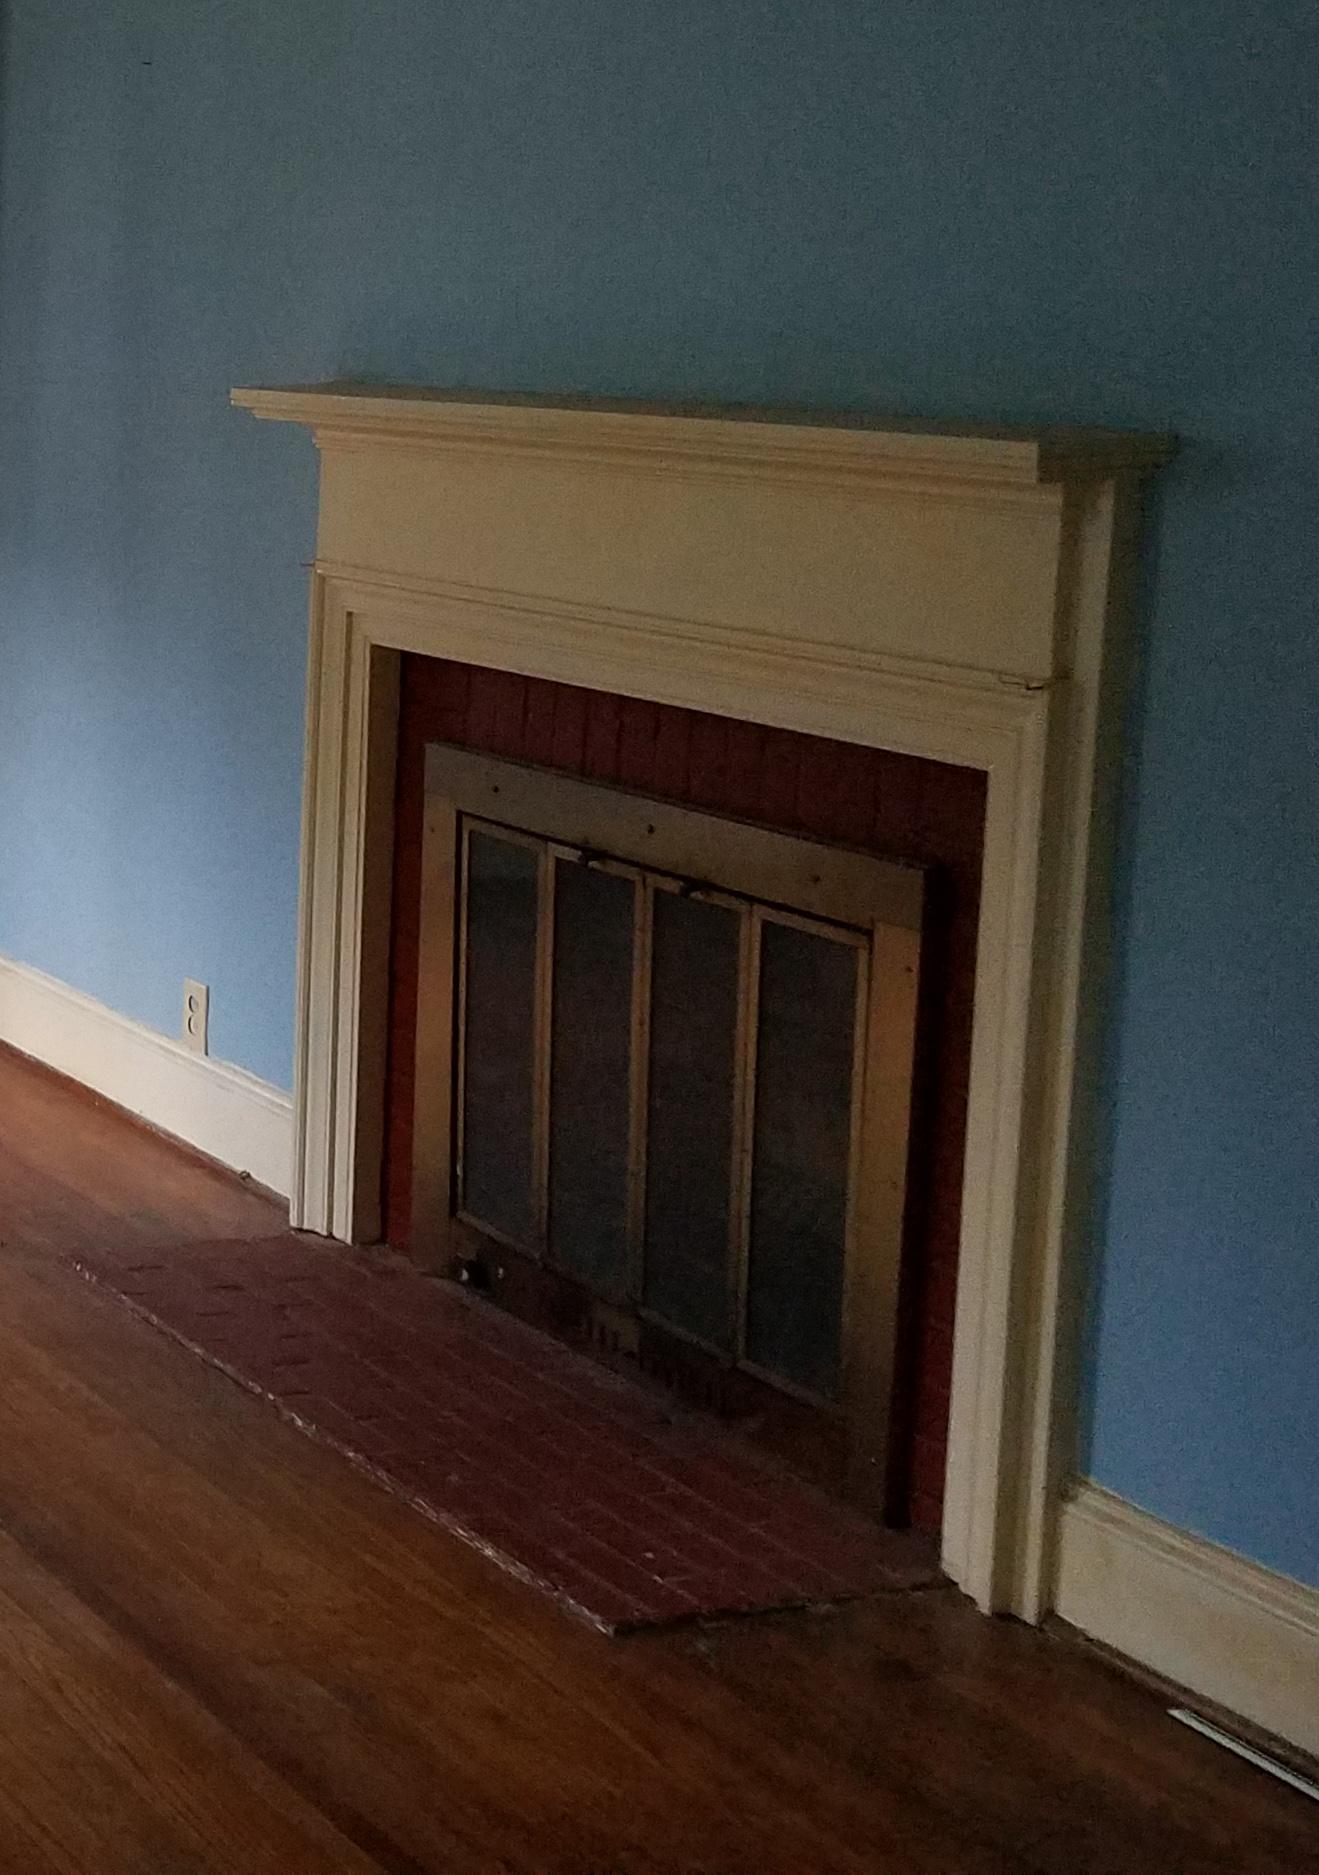 Haymount Homes Glenville Ave fireplace before.jpg